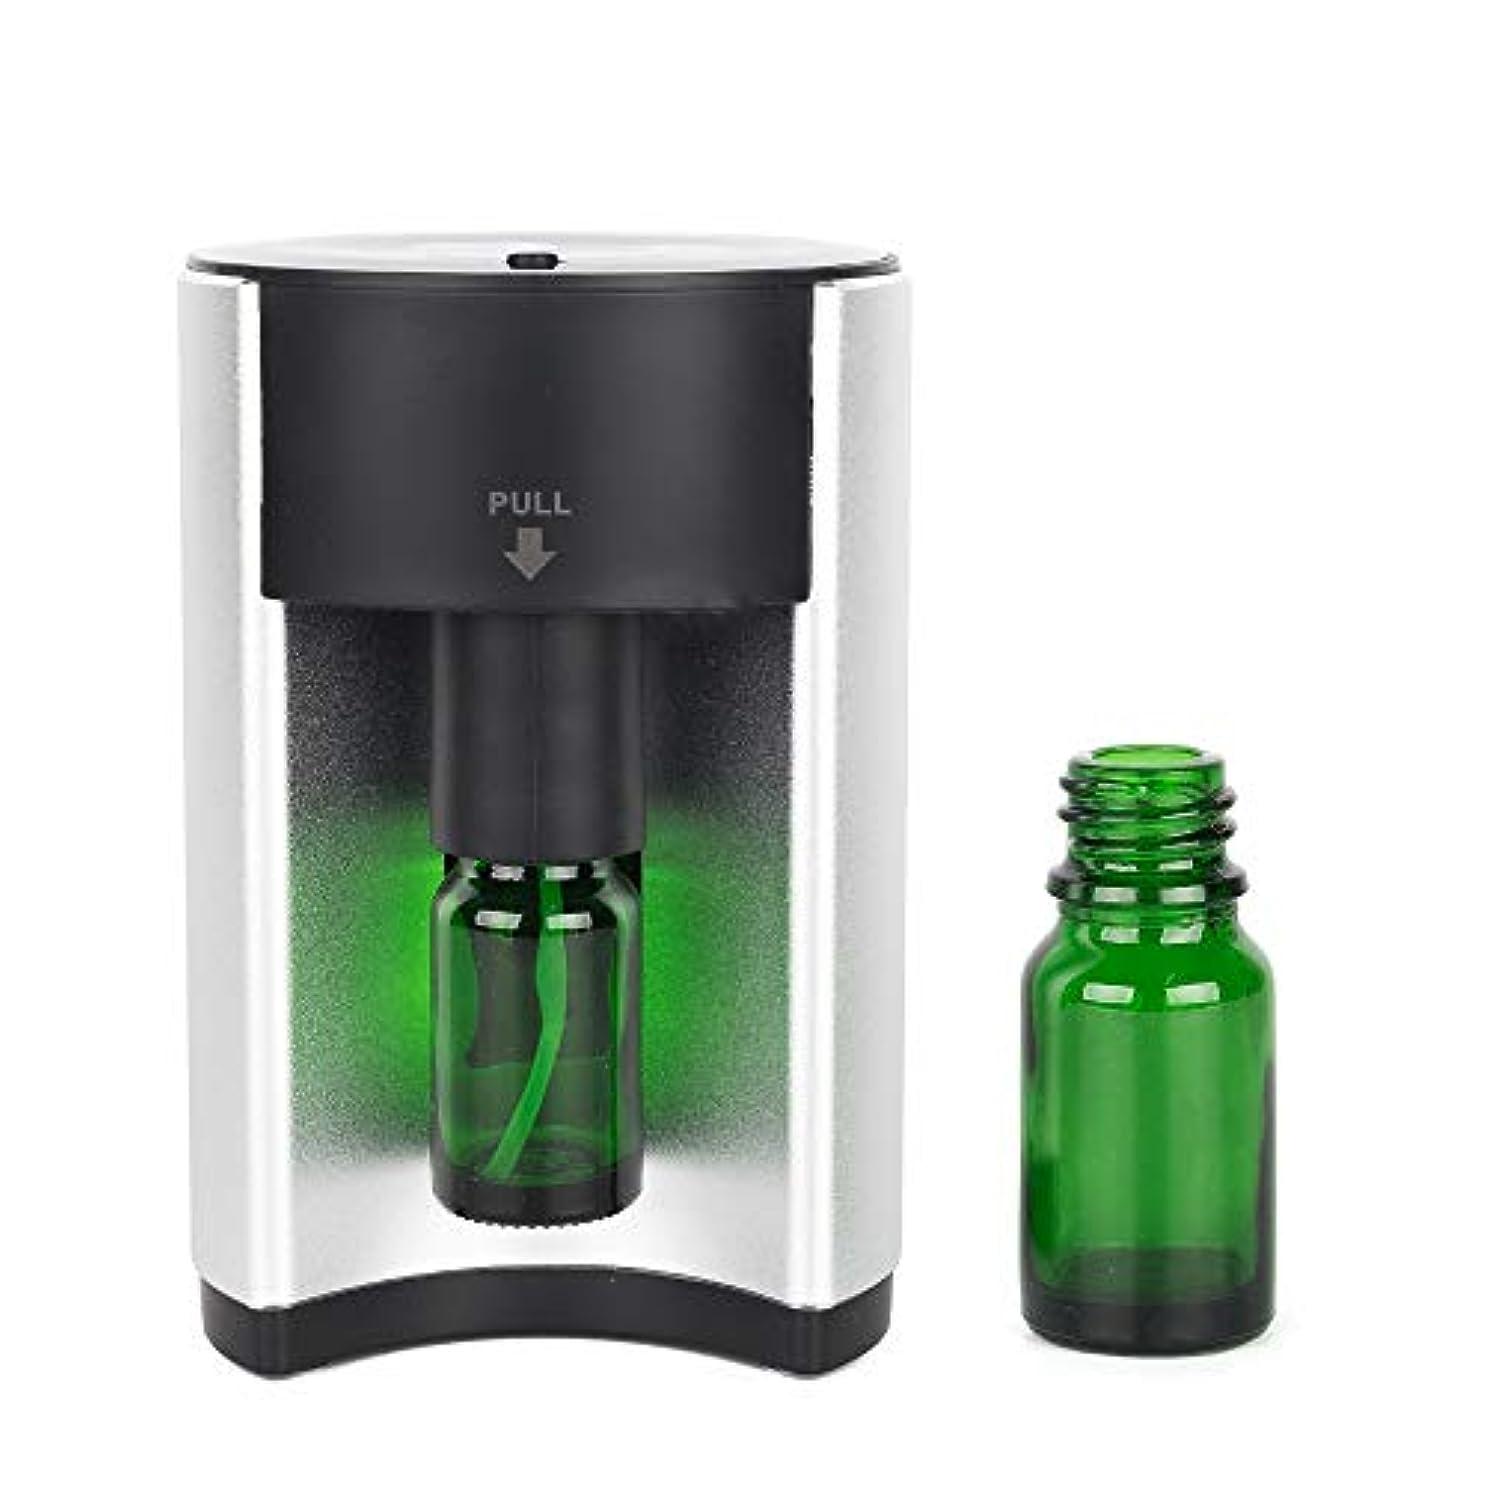 マントル精通したチキンアロマディフューザー アロマ 芳香器 (GT-SH-S1)アロマオイル ネブライザー式 アロマポット usb コンセント 小型 香り おしゃれ 可愛い シンプル 軽量 卓上 シンプル スマート 水を使わない オイル別売り